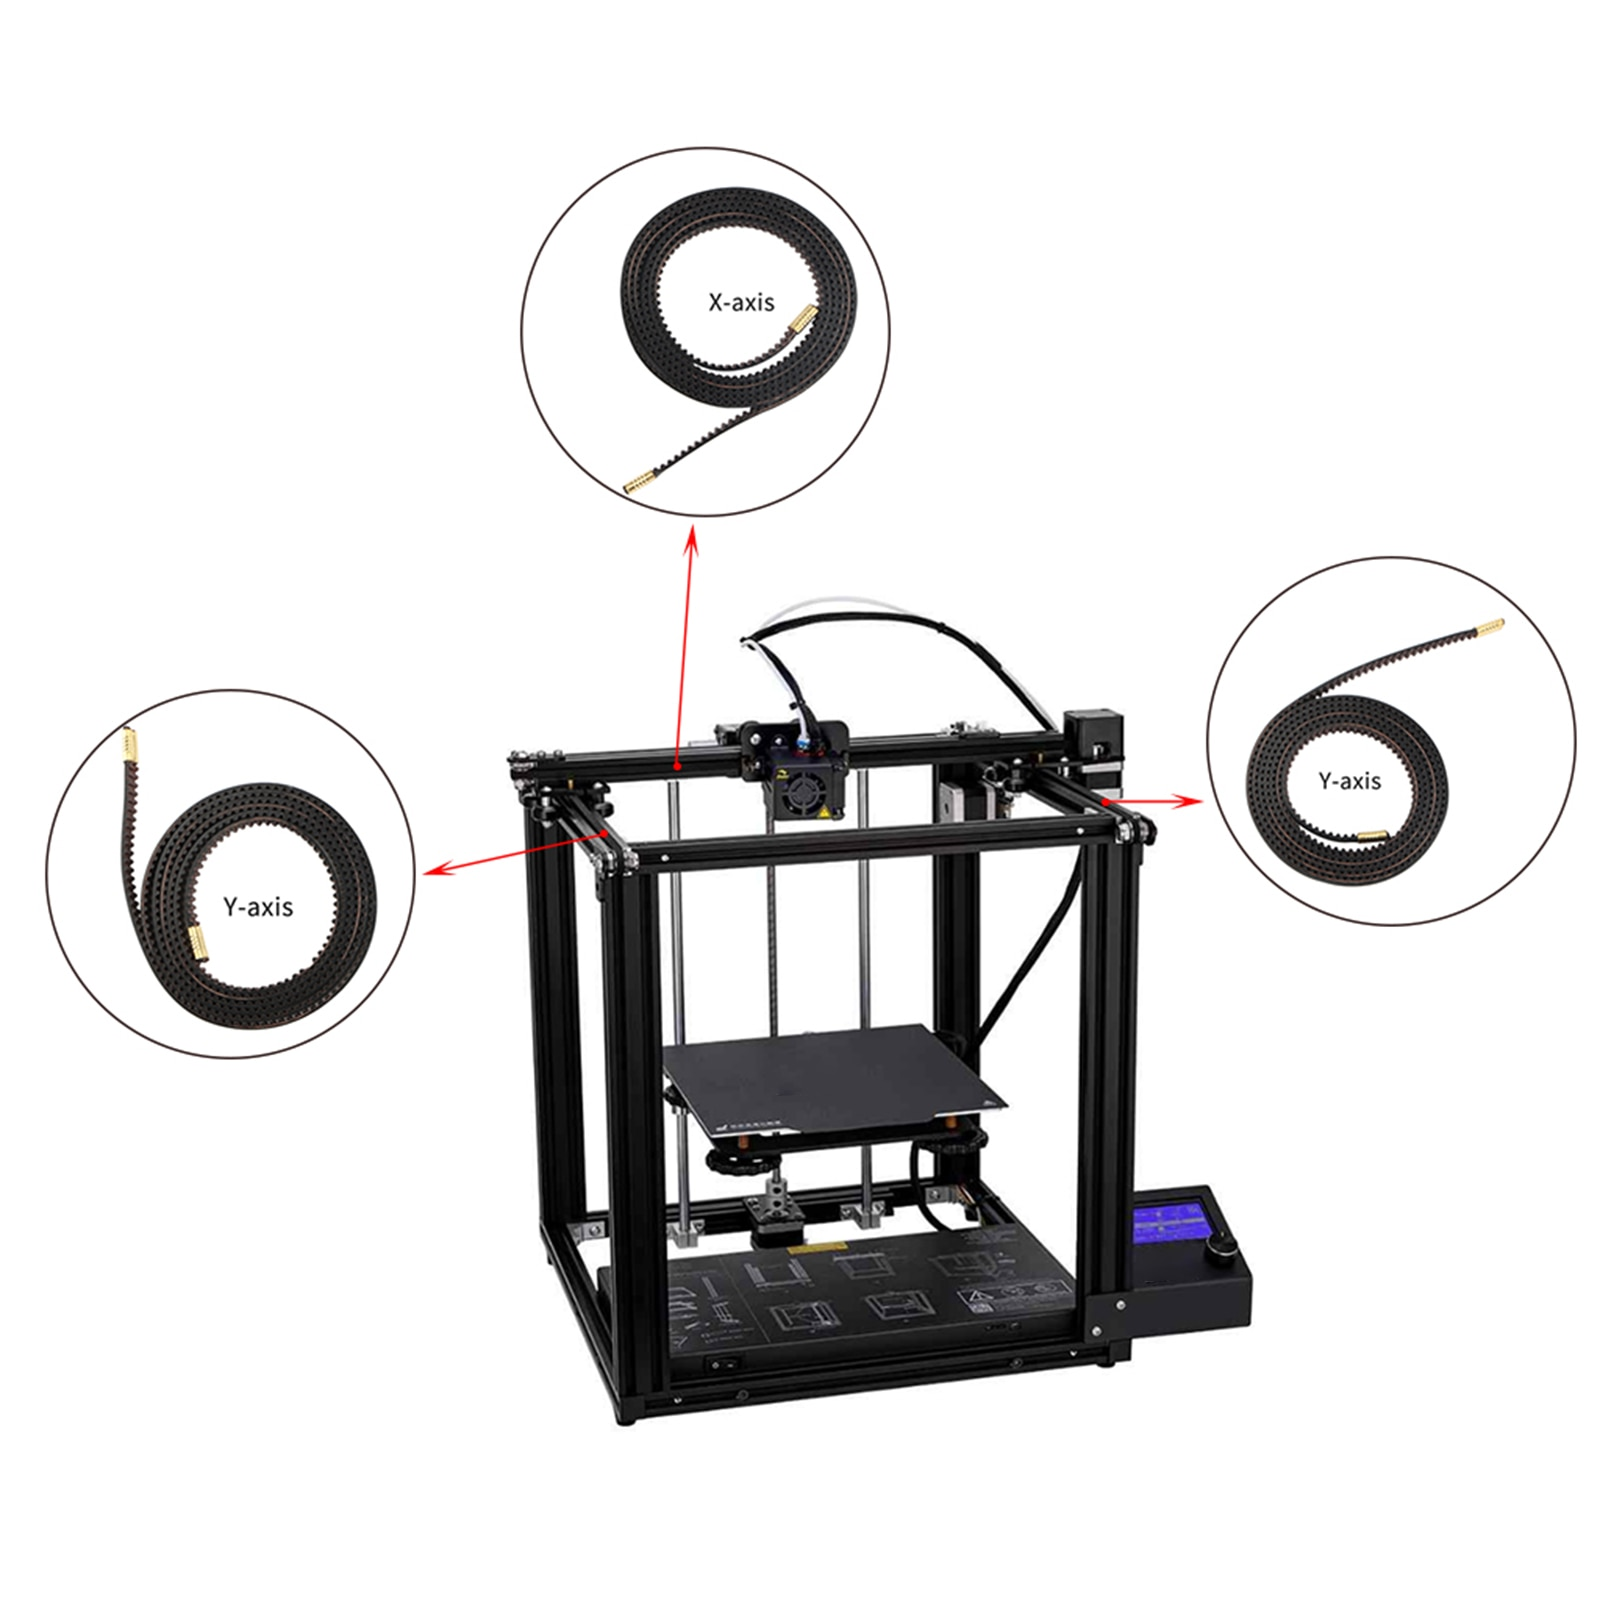 طباعة ثلاثية الأبعاد 2GT مؤقت اشتعال مفتوح مؤقت اشتعال 6 مللي متر العرض X محور + Y محور يصلح للطابعات أندر 5 / 5pro ثلاثية الأبعاد 1 حزمة